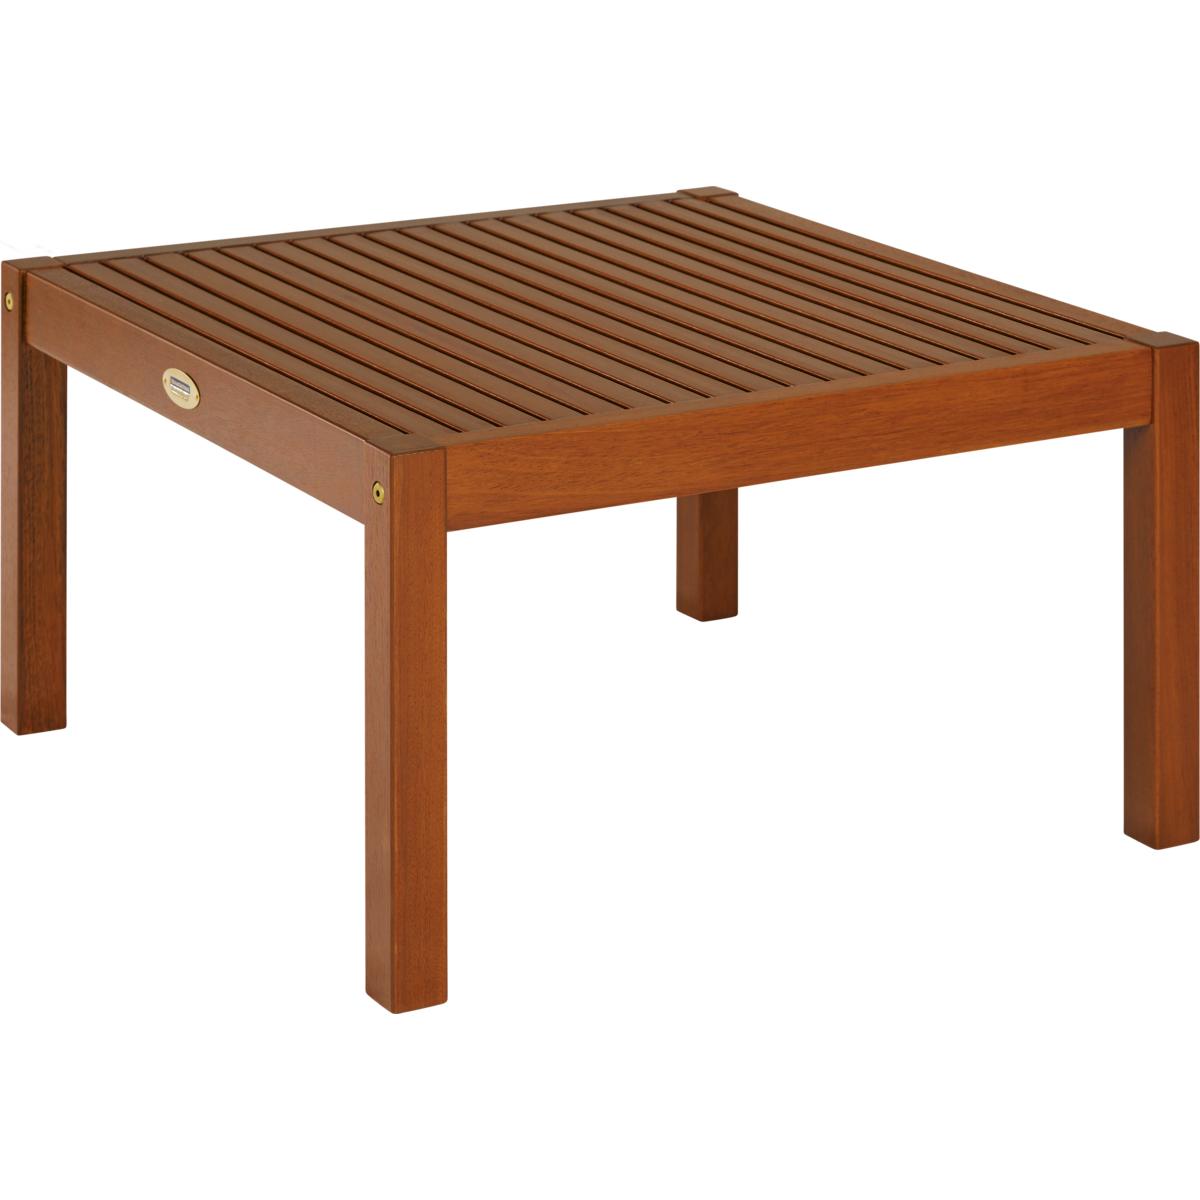 Tramontina mesa de centro de madeira fitt pequena for Mesas de centro pequenas